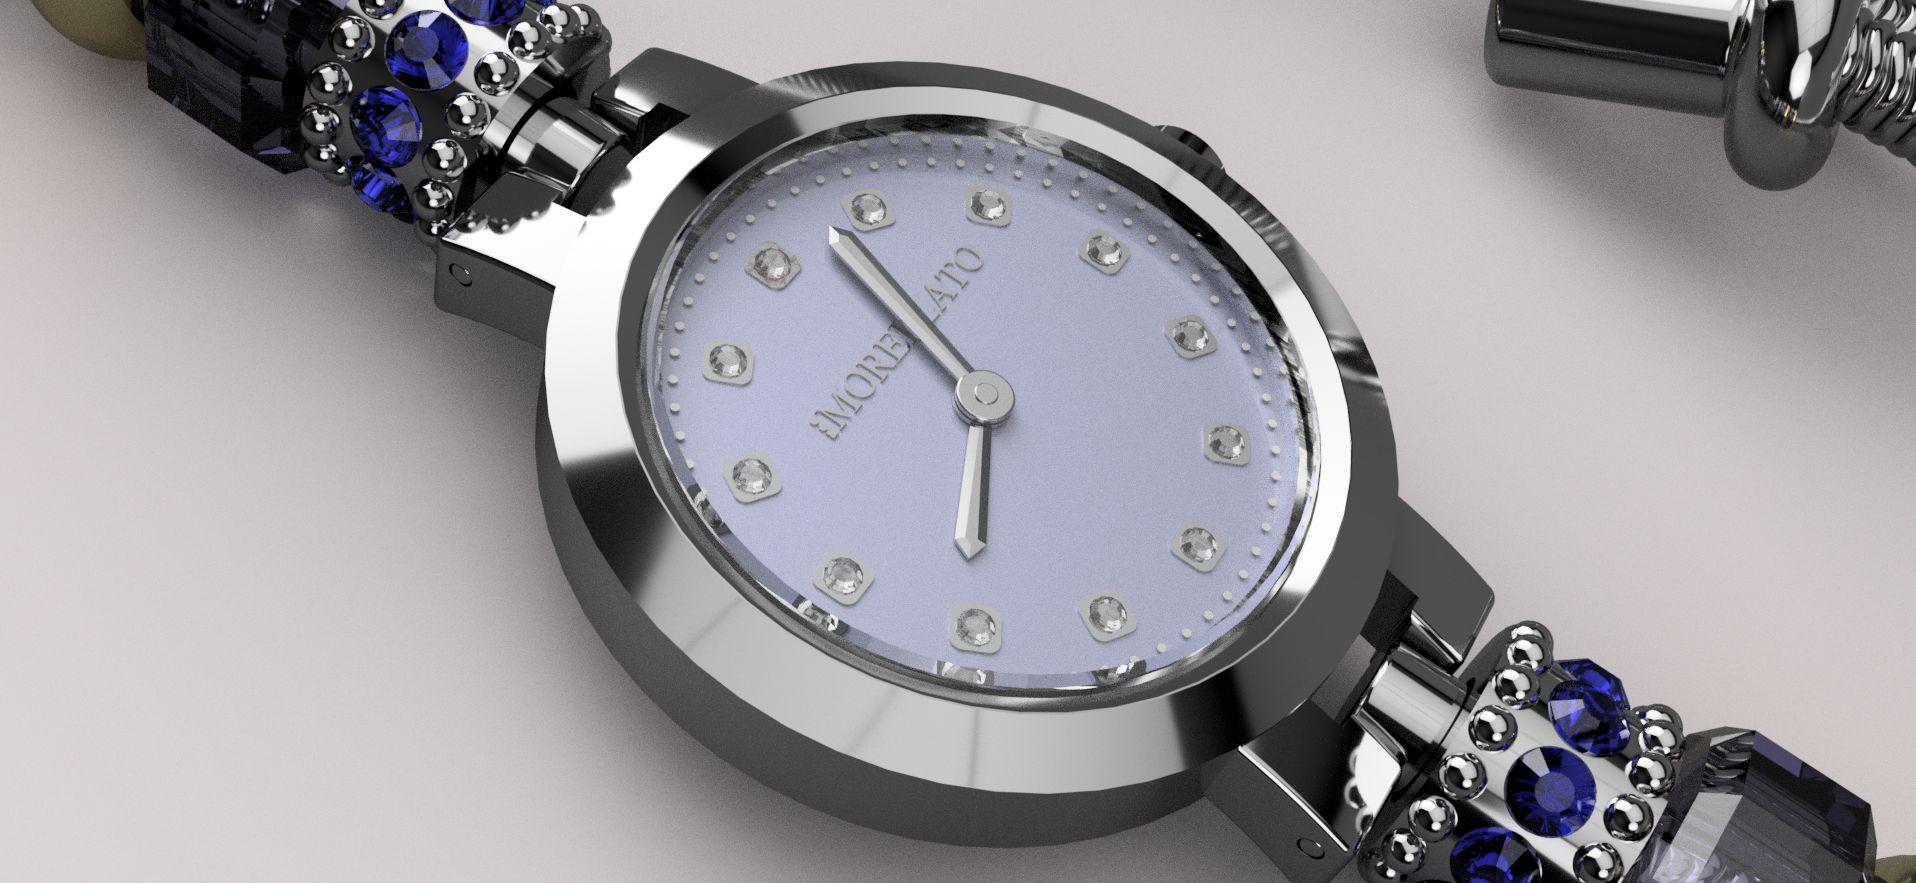 Morellato-watch-v2-1-3500-3500